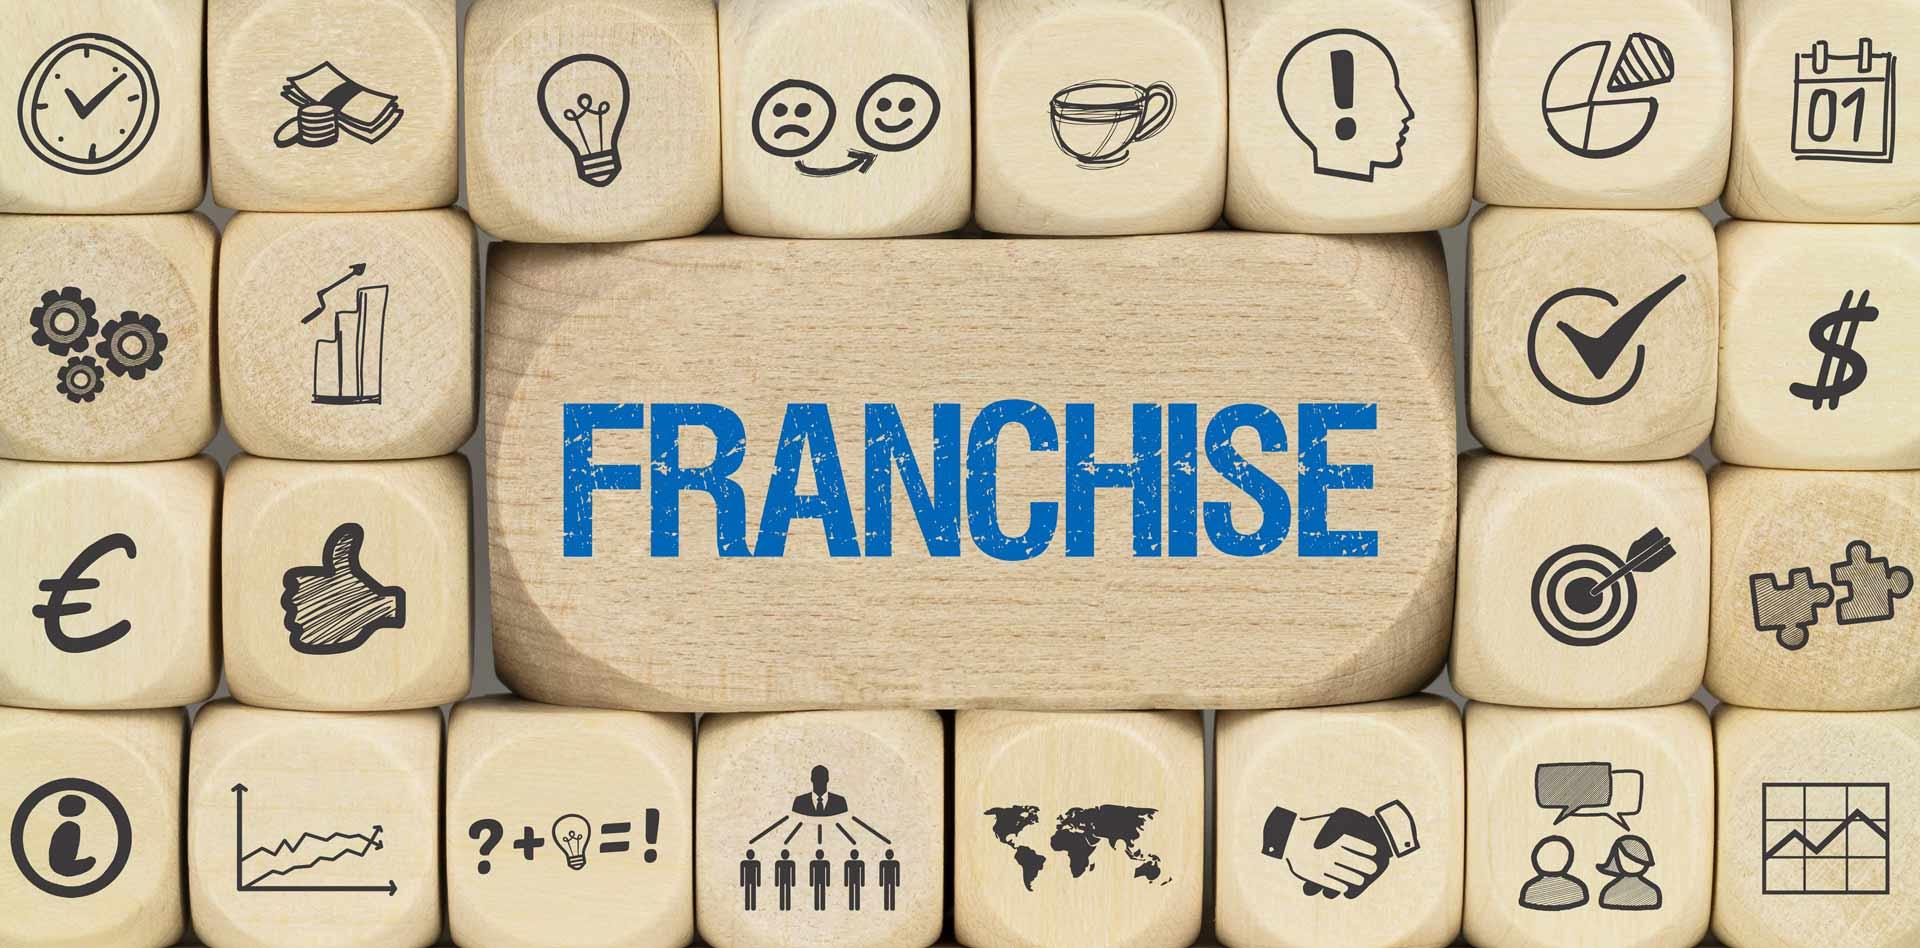 Что такое возможности открытия бизнеса по франшизе?